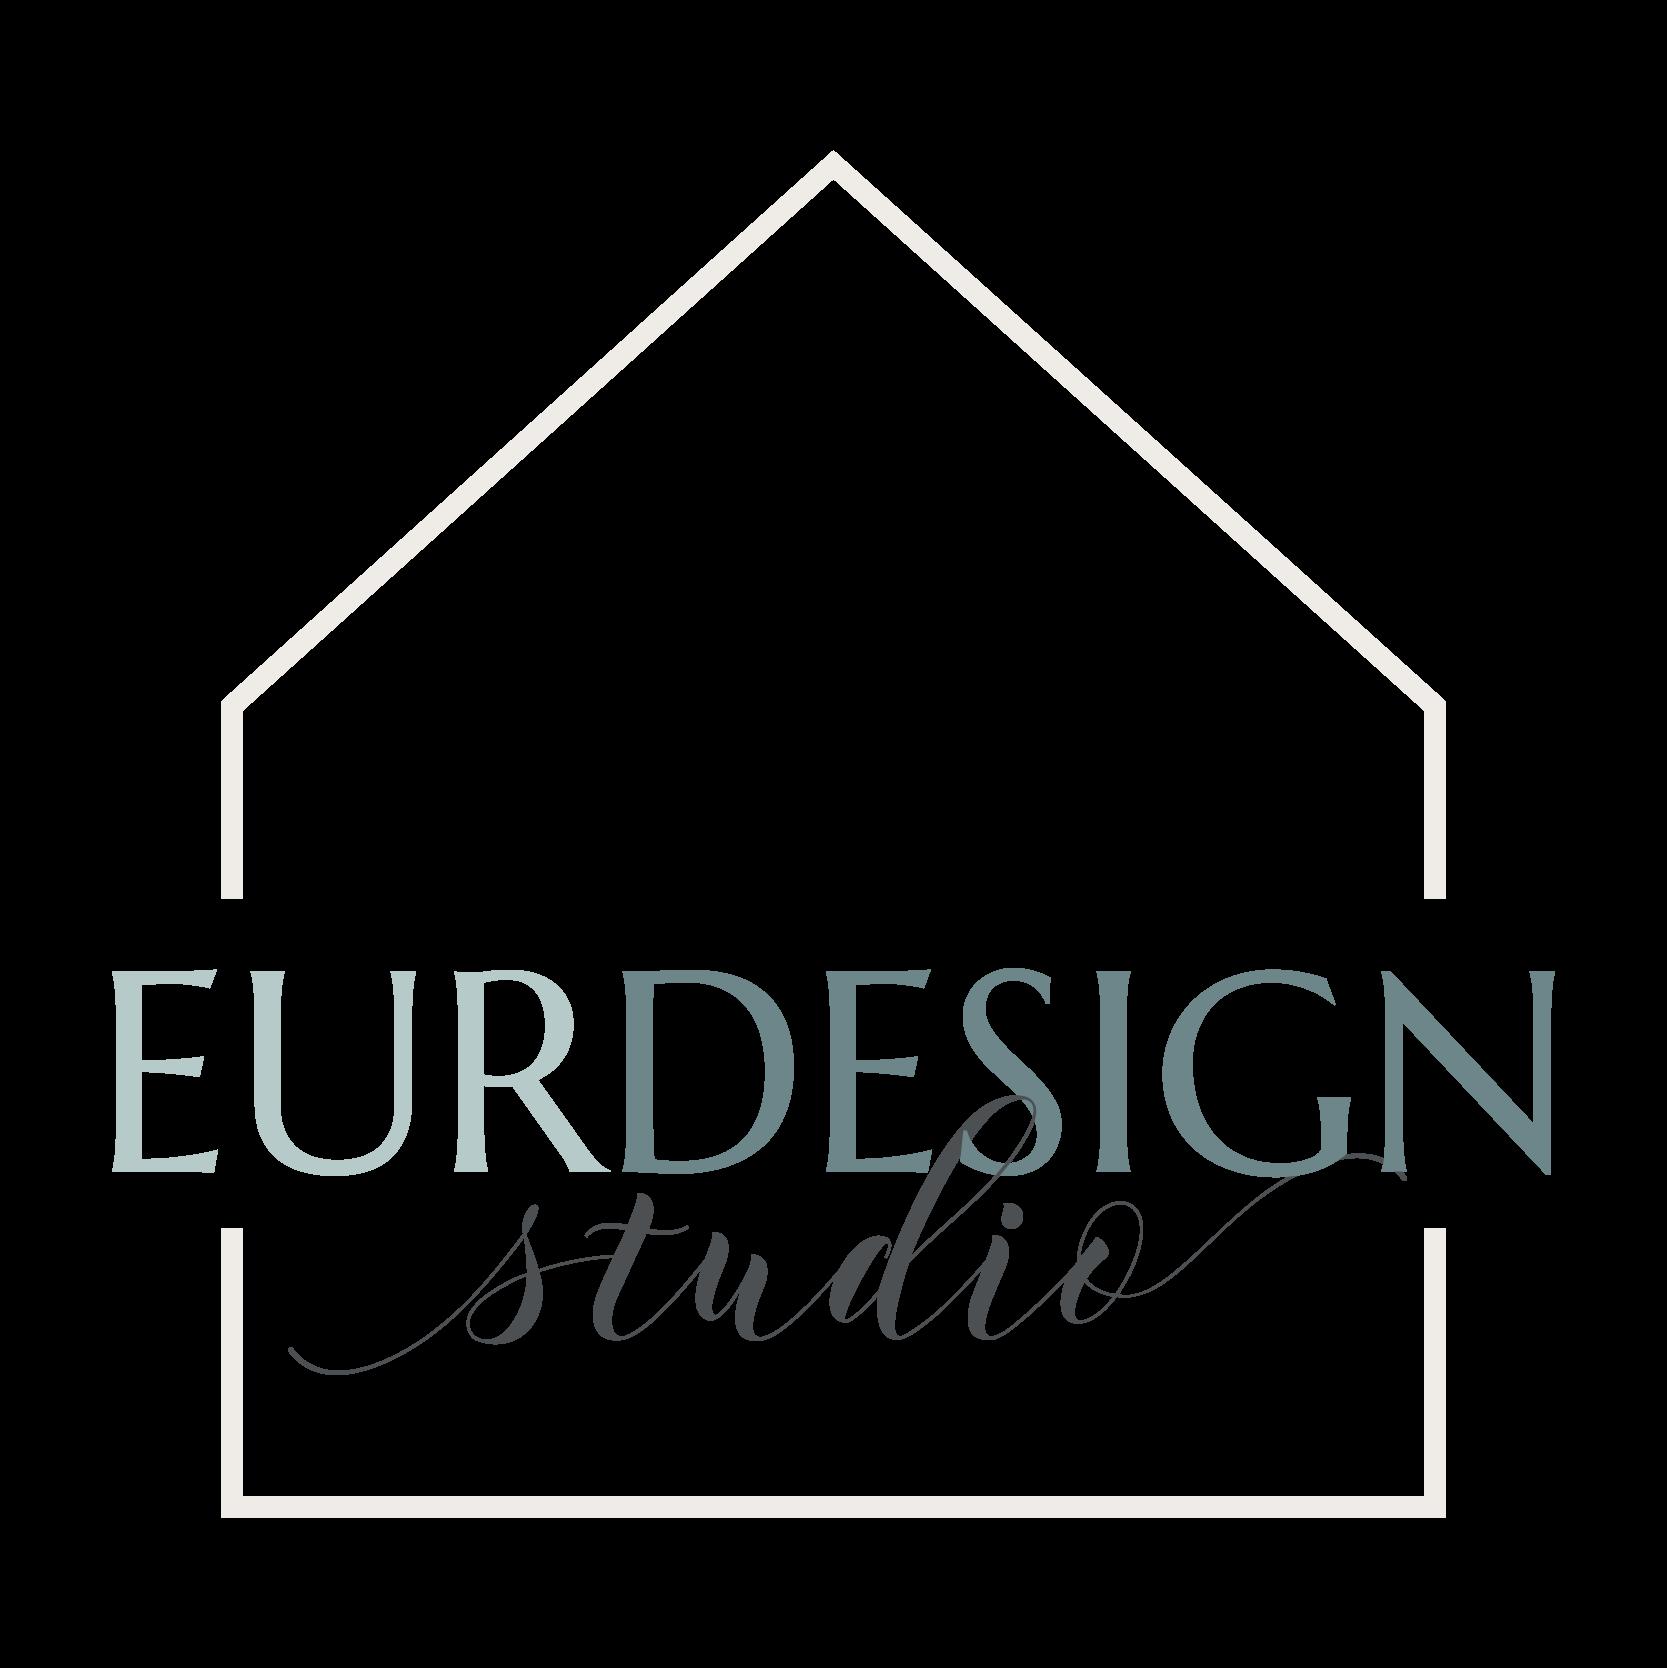 EurDesignStudio_PRIMARY LOGO.png